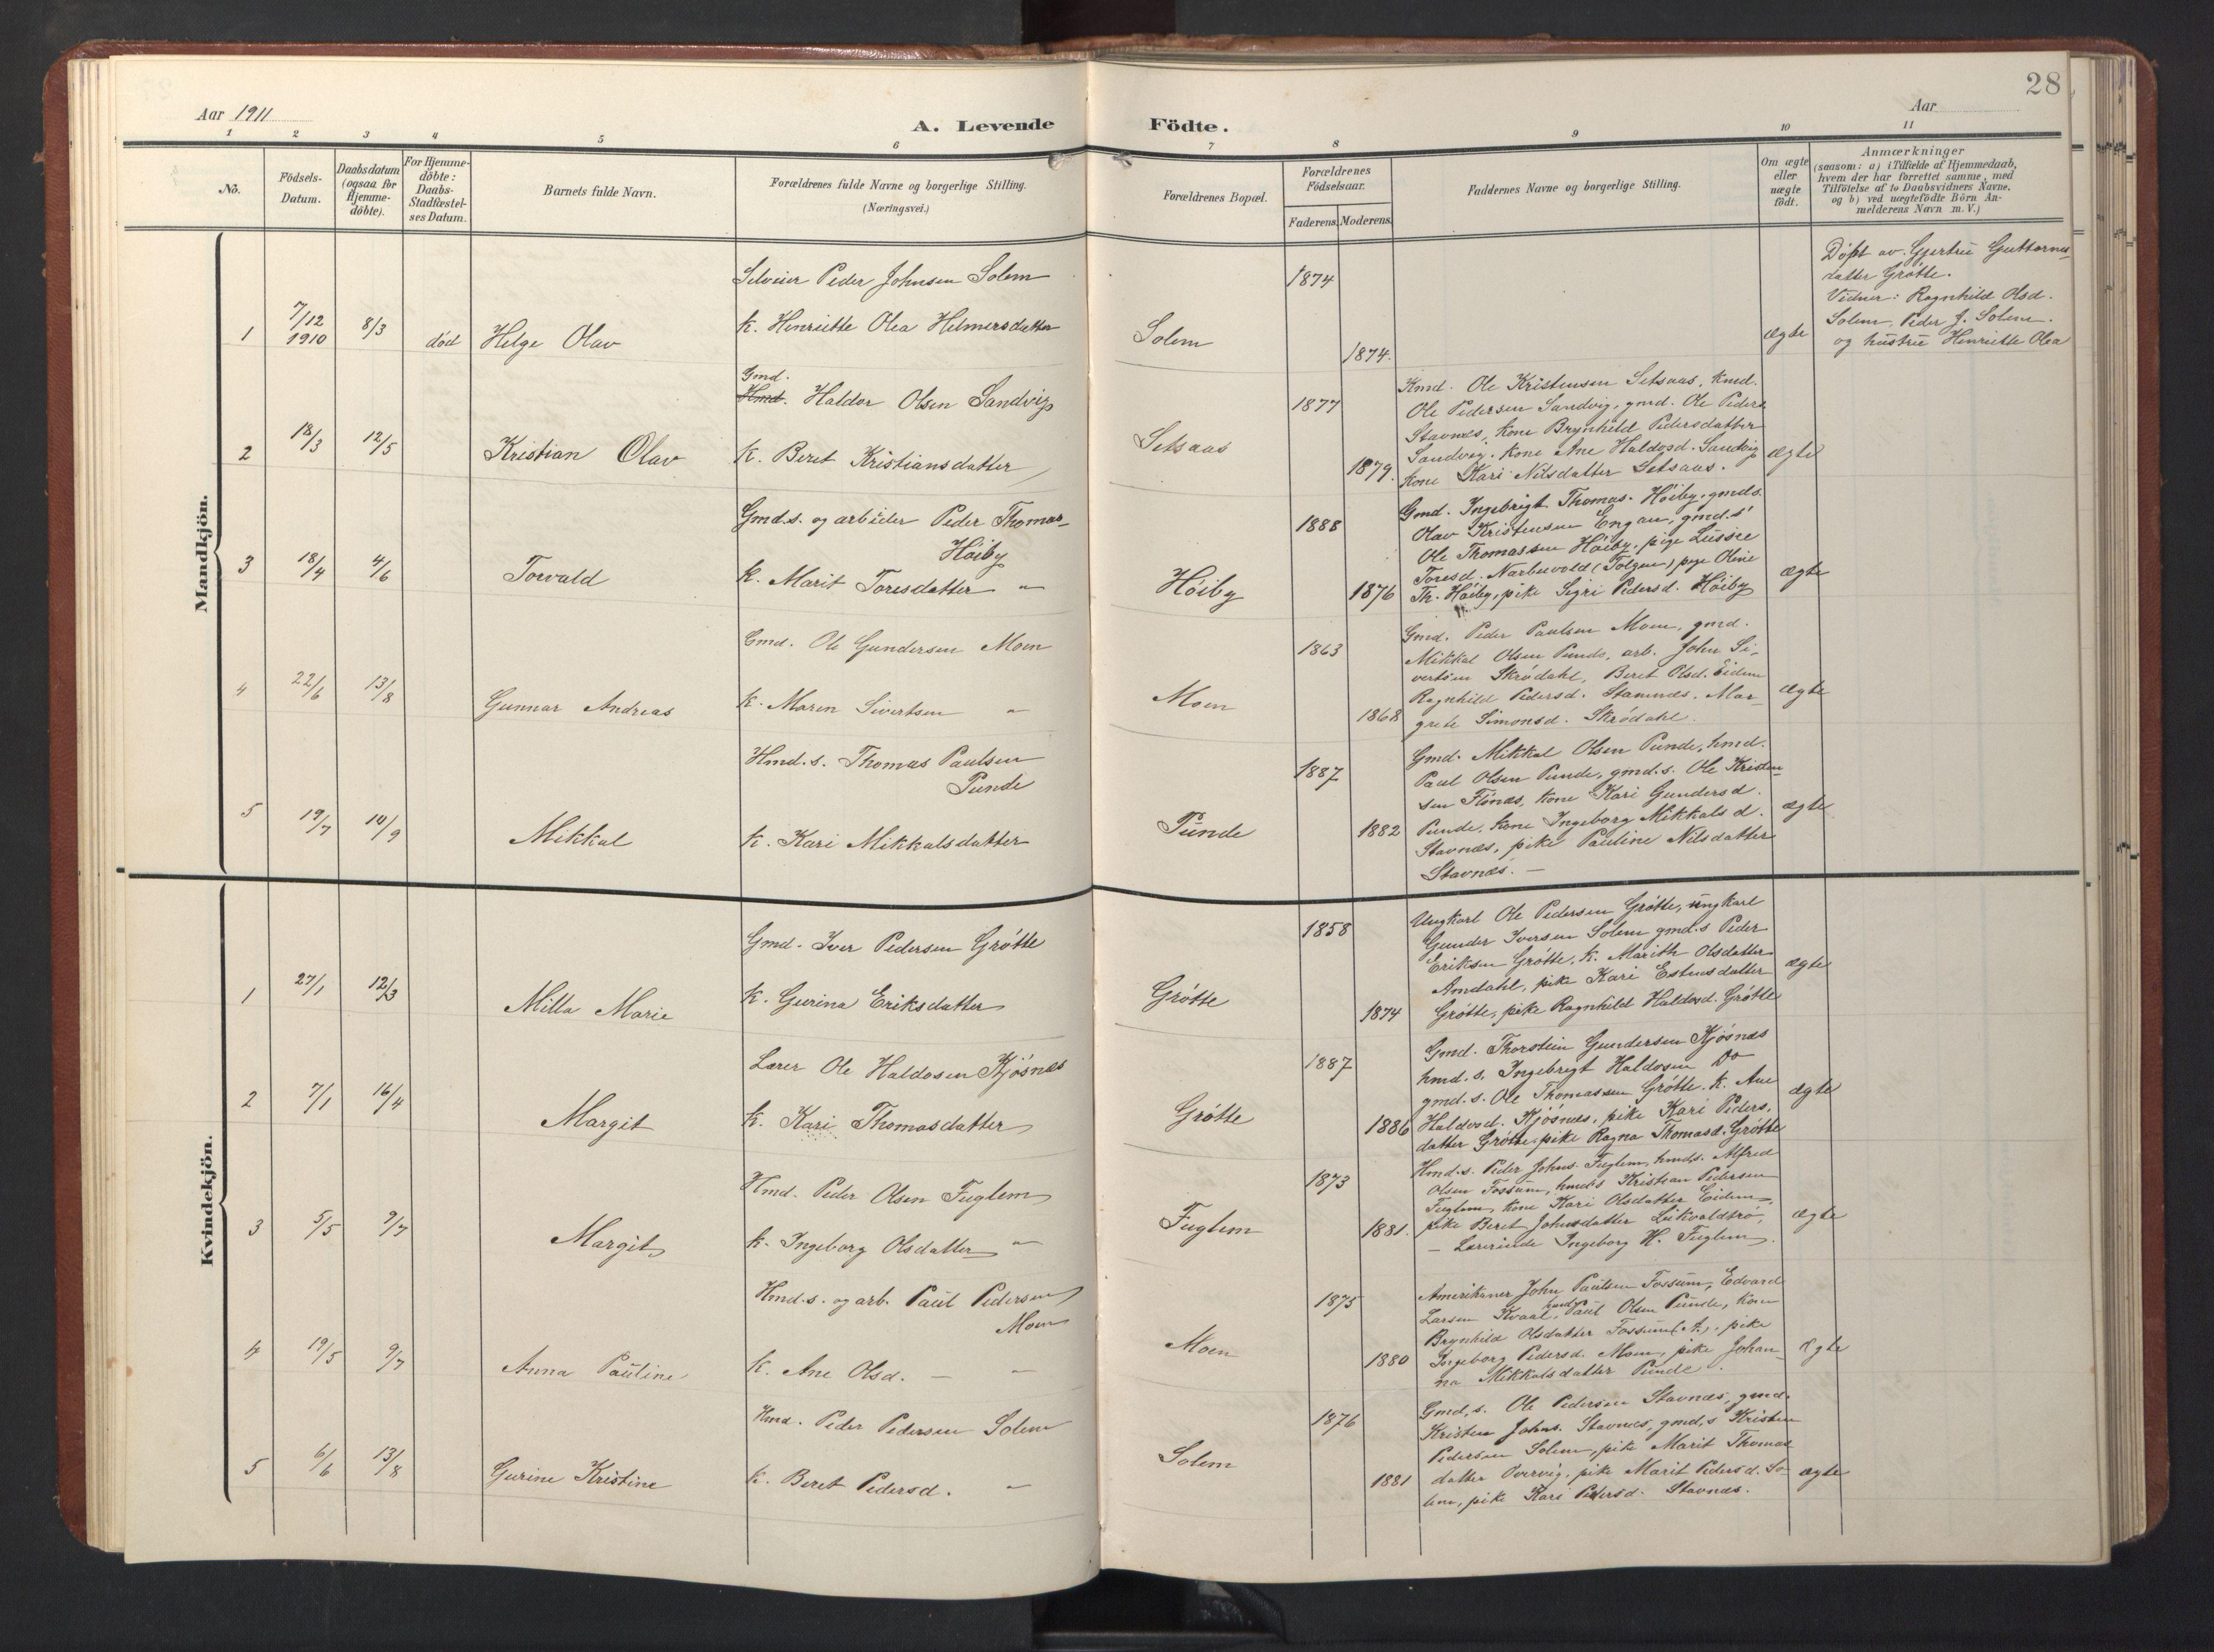 SAT, Ministerialprotokoller, klokkerbøker og fødselsregistre - Sør-Trøndelag, 696/L1161: Klokkerbok nr. 696C01, 1902-1950, s. 28